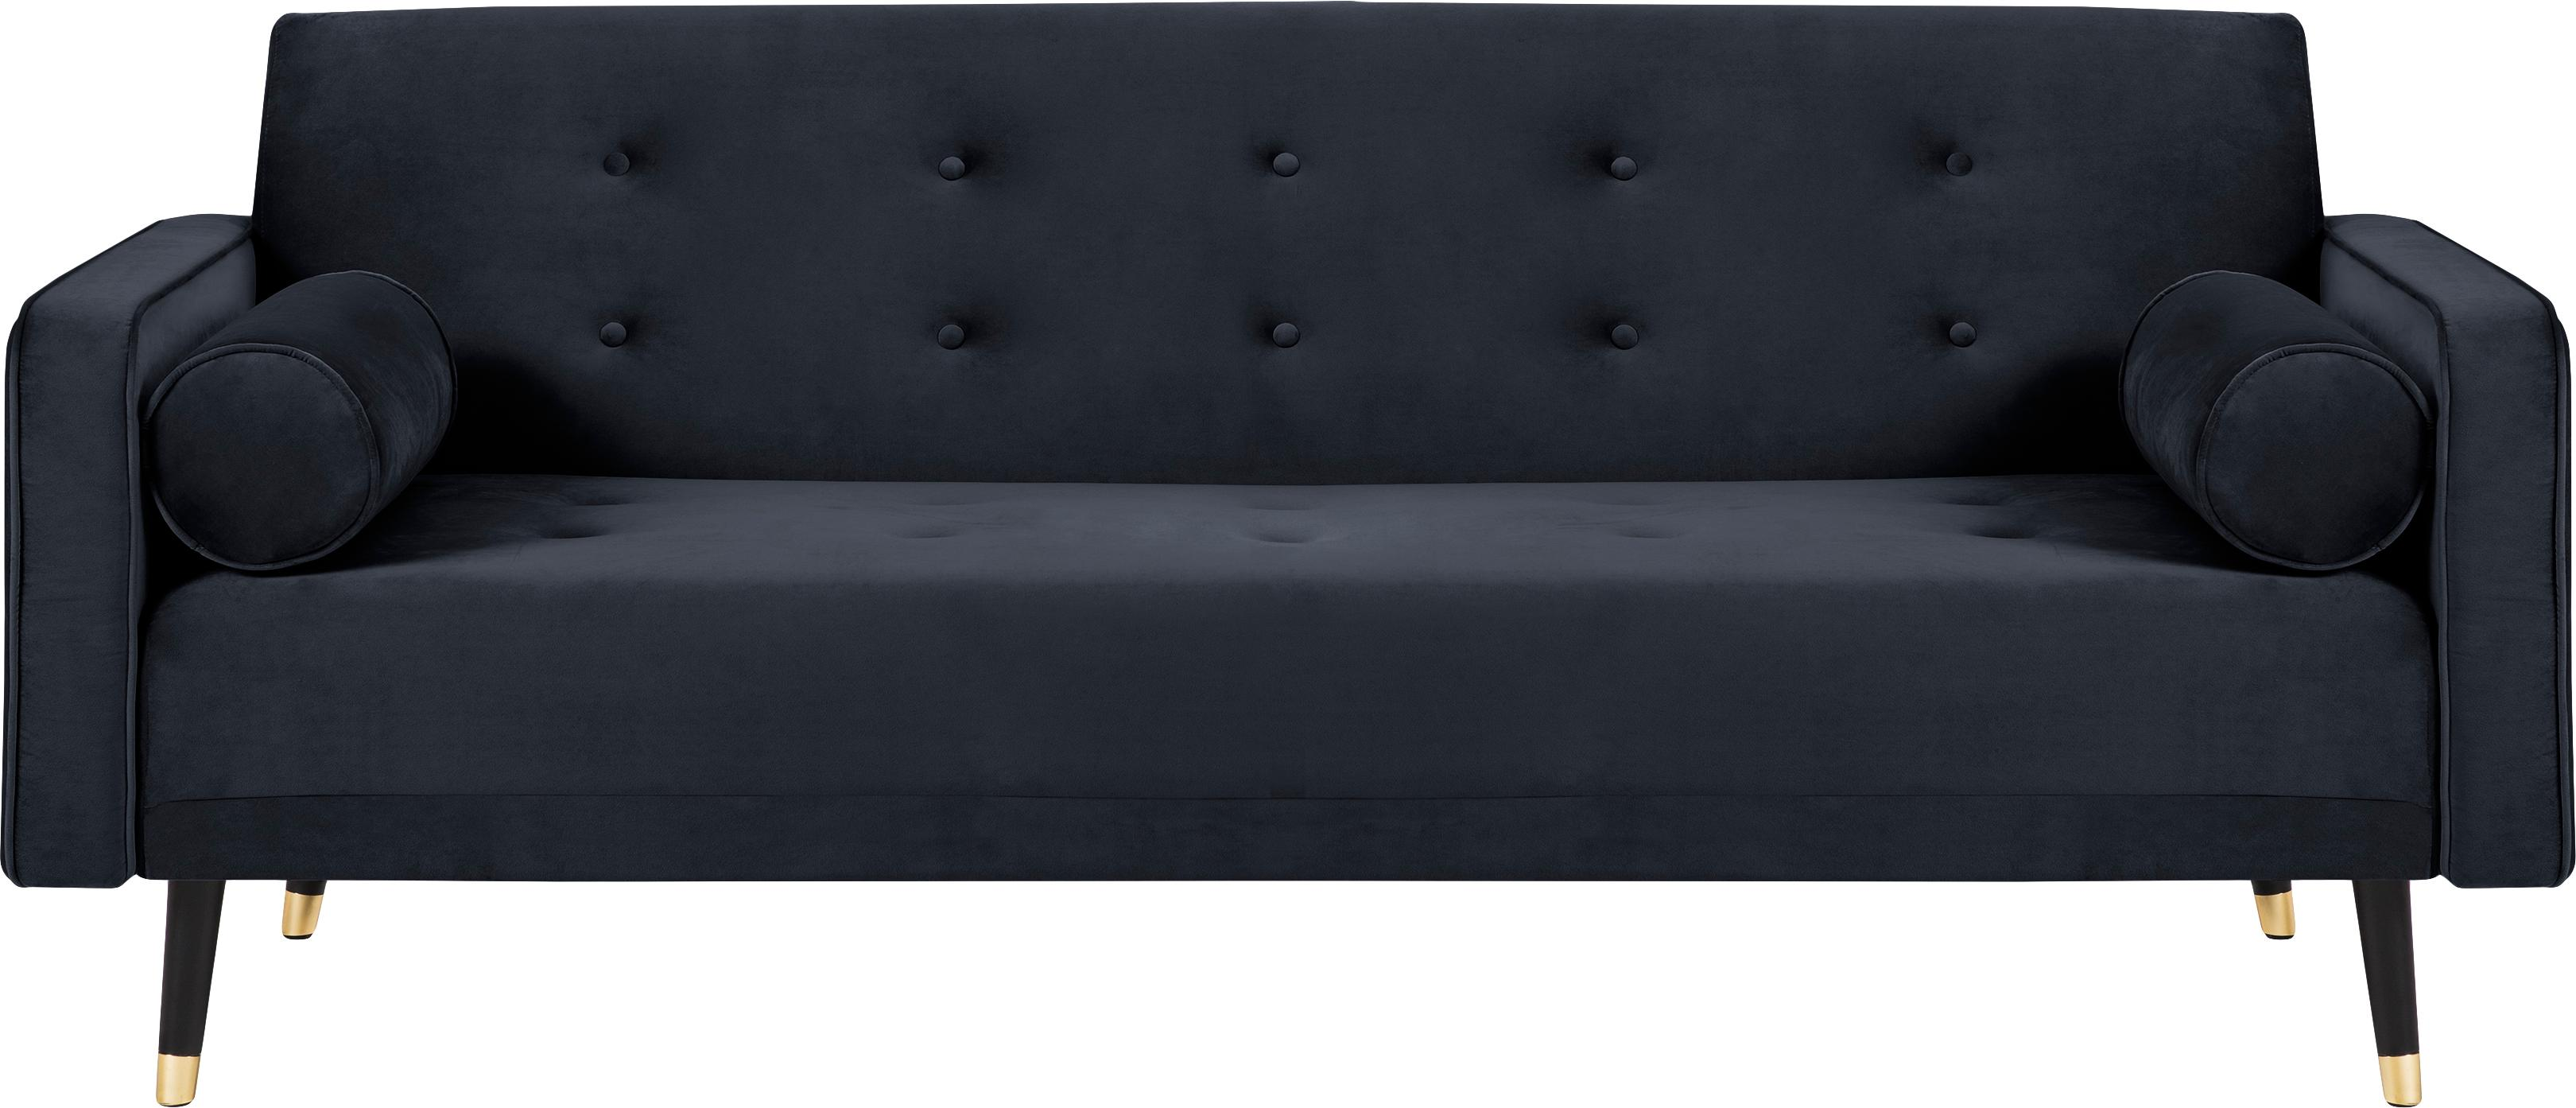 Divano letto 3 posti in velluto blu scuro Gia, Rivestimento: velluto di poliestere, Cornice: legno di pino massiccio, Sottostruttura: truciolato, compensato, m, Piedini: legno di faggio, vernicia, Velluto blu, Larg. 212 x Prof. 93 cm